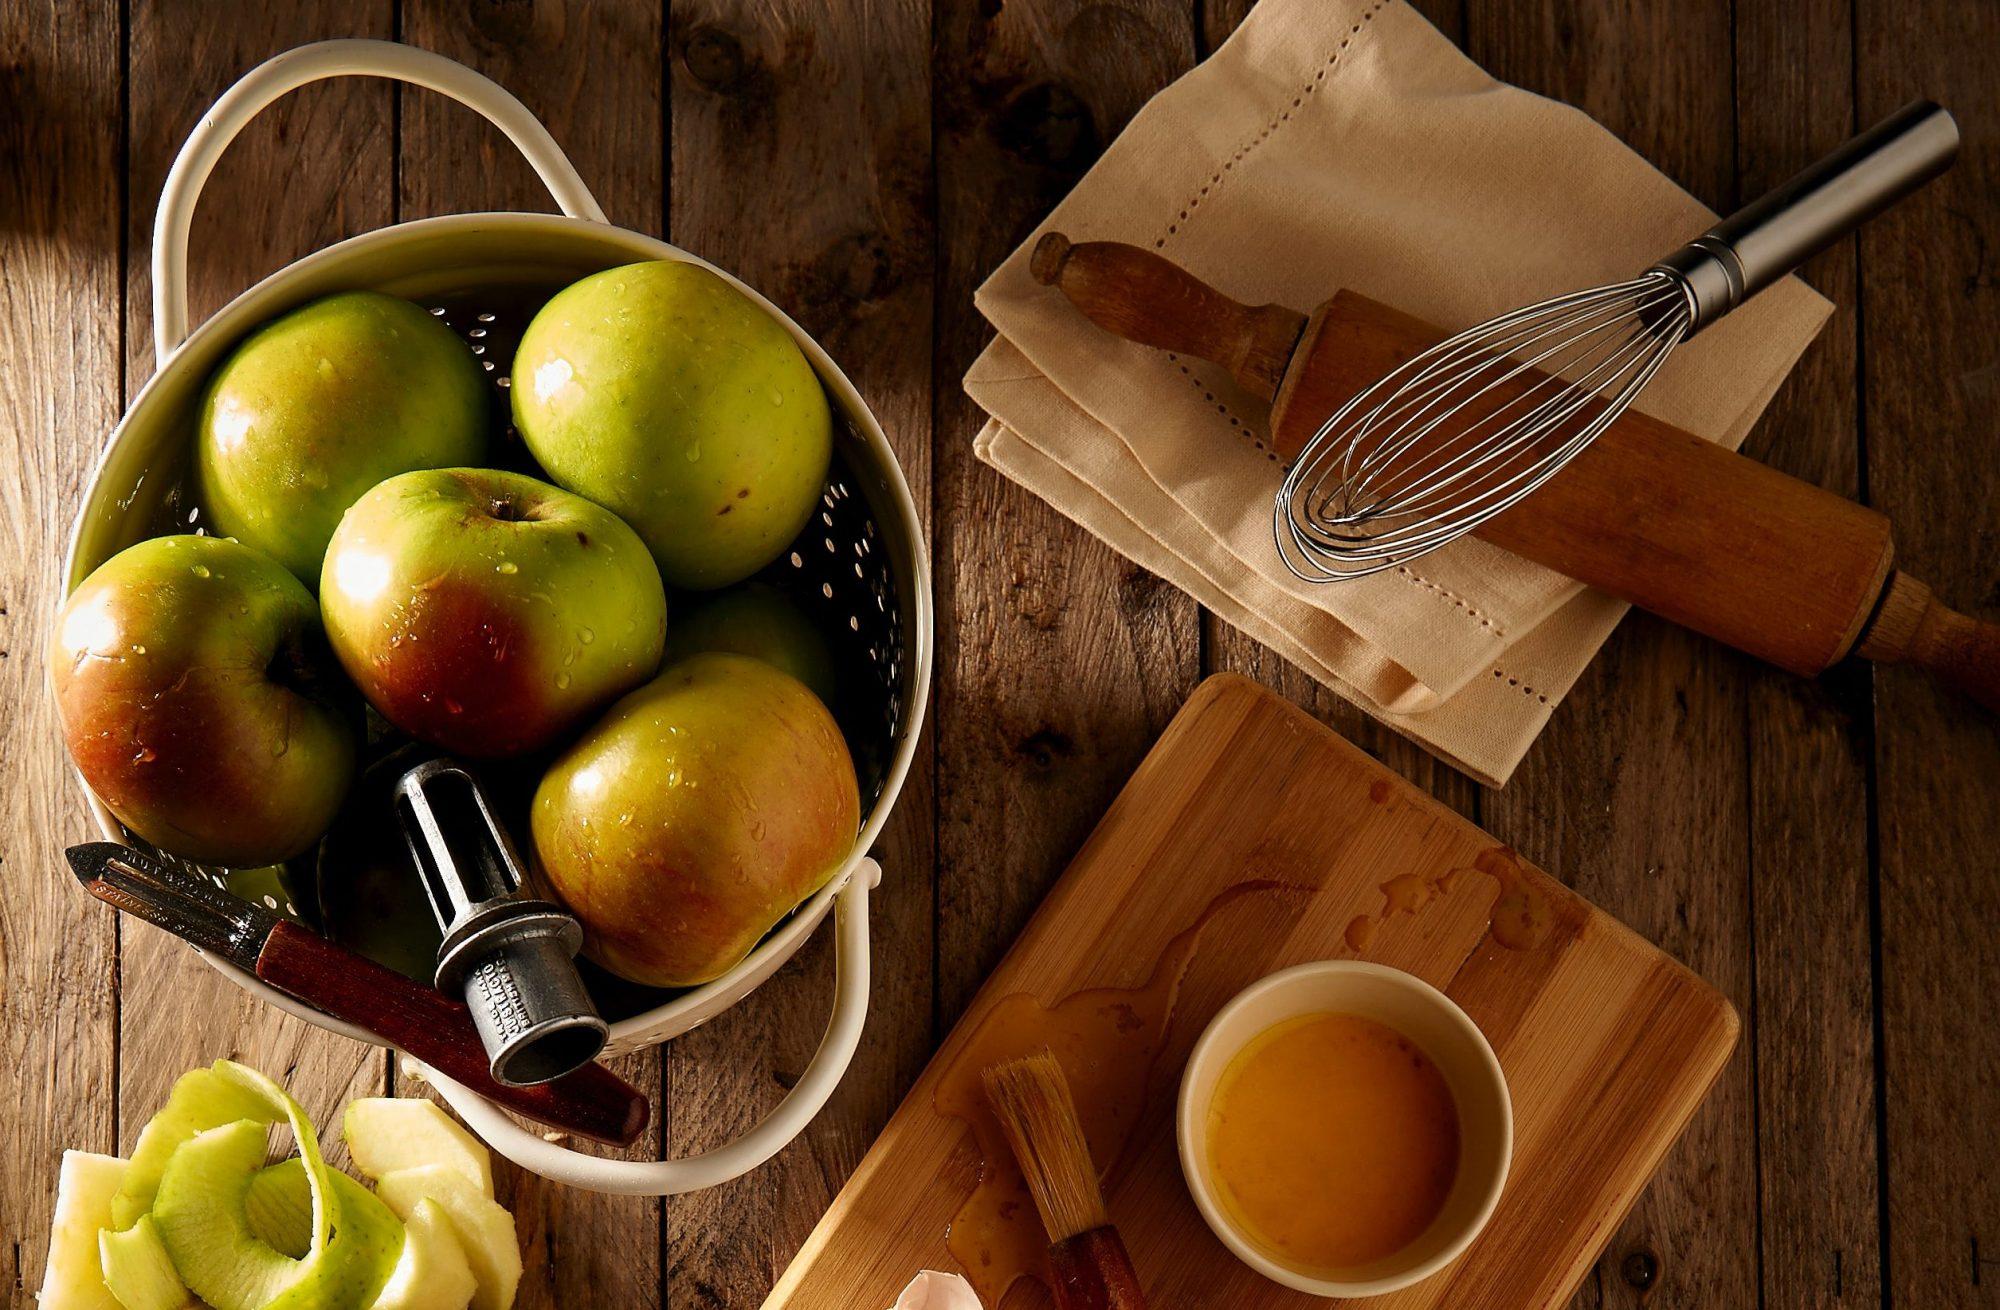 3 συνταγές με μήλα και καραμέλα για να μυρίσει το σπίτι φθινόπωρο Γλυκιά καραμέλα και ζουμερά μήλα συνθέτουν τη συνταγή της απόλυτης φινοπωρινής ευτυχίας.